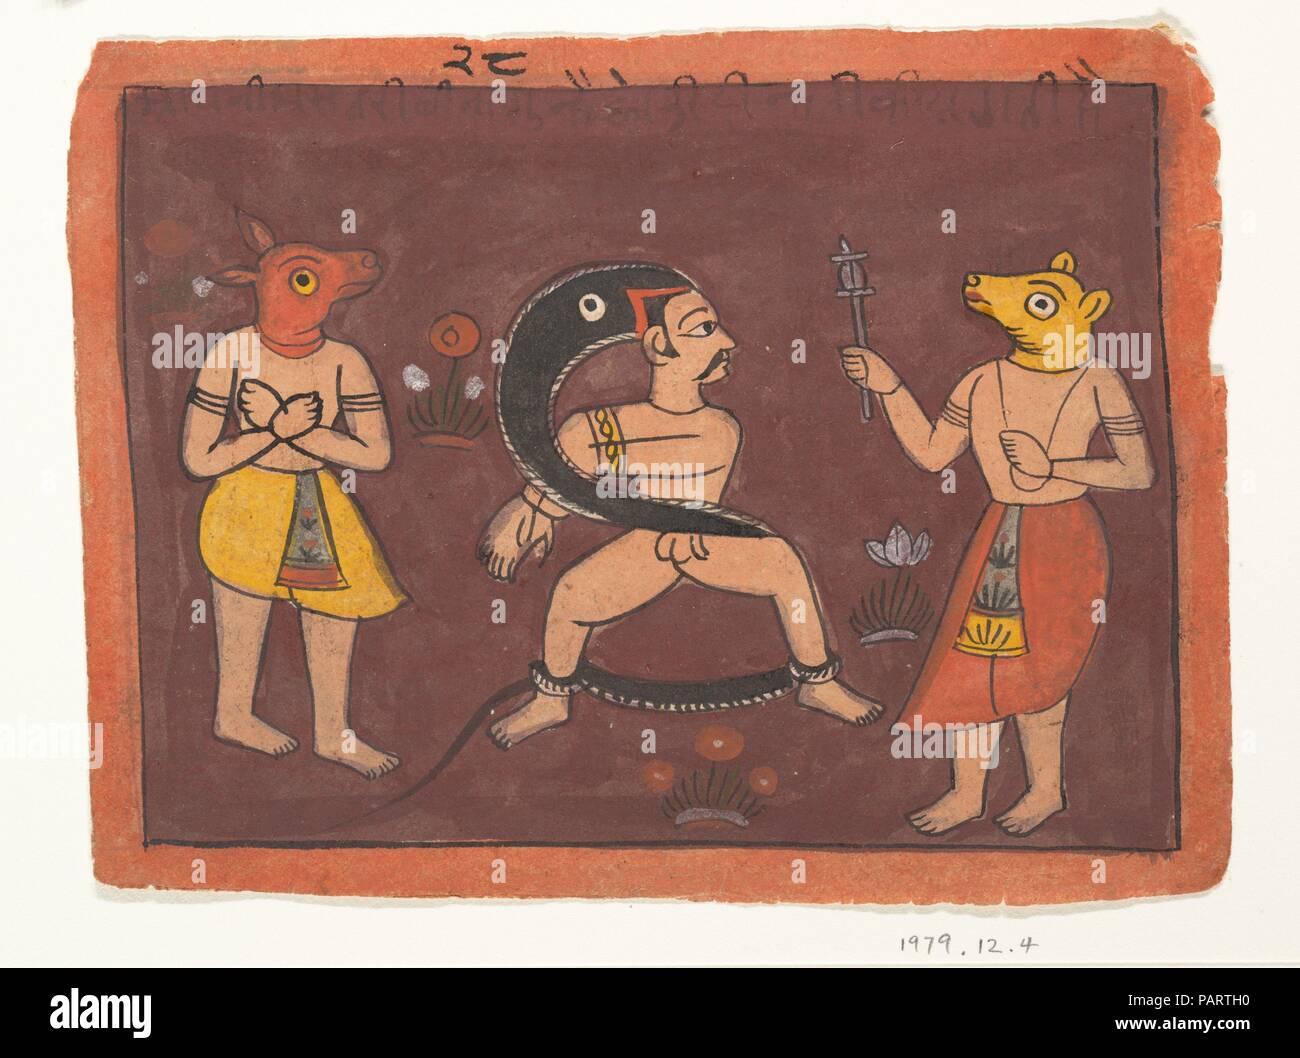 Folk Malerei. Kultur: Indien (rajasthan, Marwar). Abmessungen: 7 5/8 x 5 11/16 in. (19,4 x 14,5 cm). Datum: 1725. Museum: Metropolitan Museum of Art, New York, USA. Stockbild